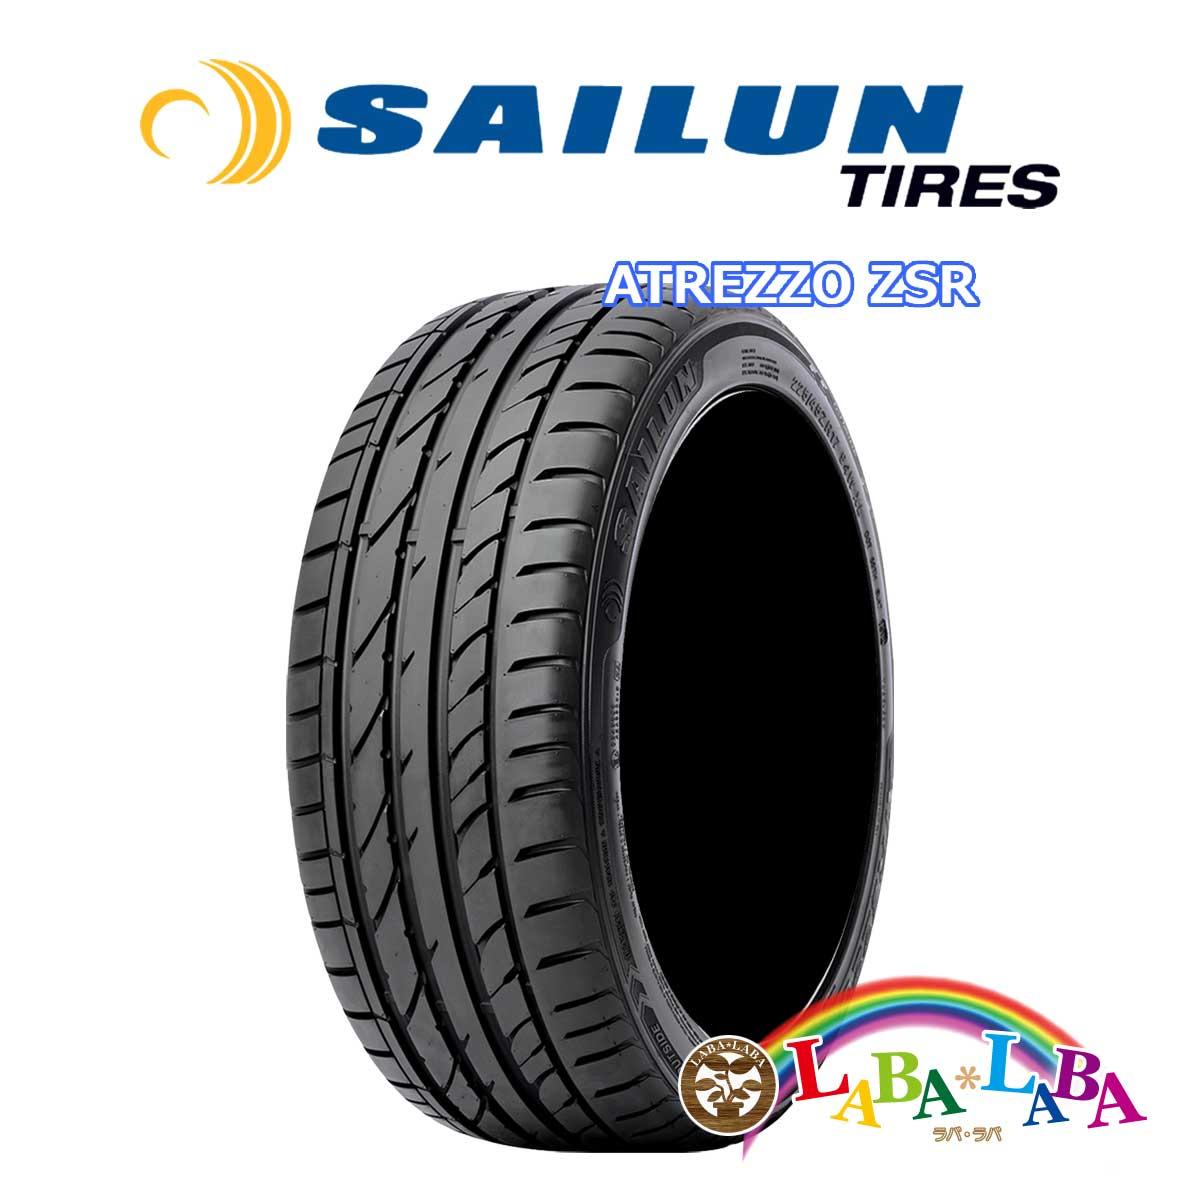 2本以上送料無料 輸入タイヤ サマータイヤ 新品 タイヤのみ SAILUN サイレン ZSR ATREZZO 225 アトレッツォ XL 55R16 99W お得 激安セール